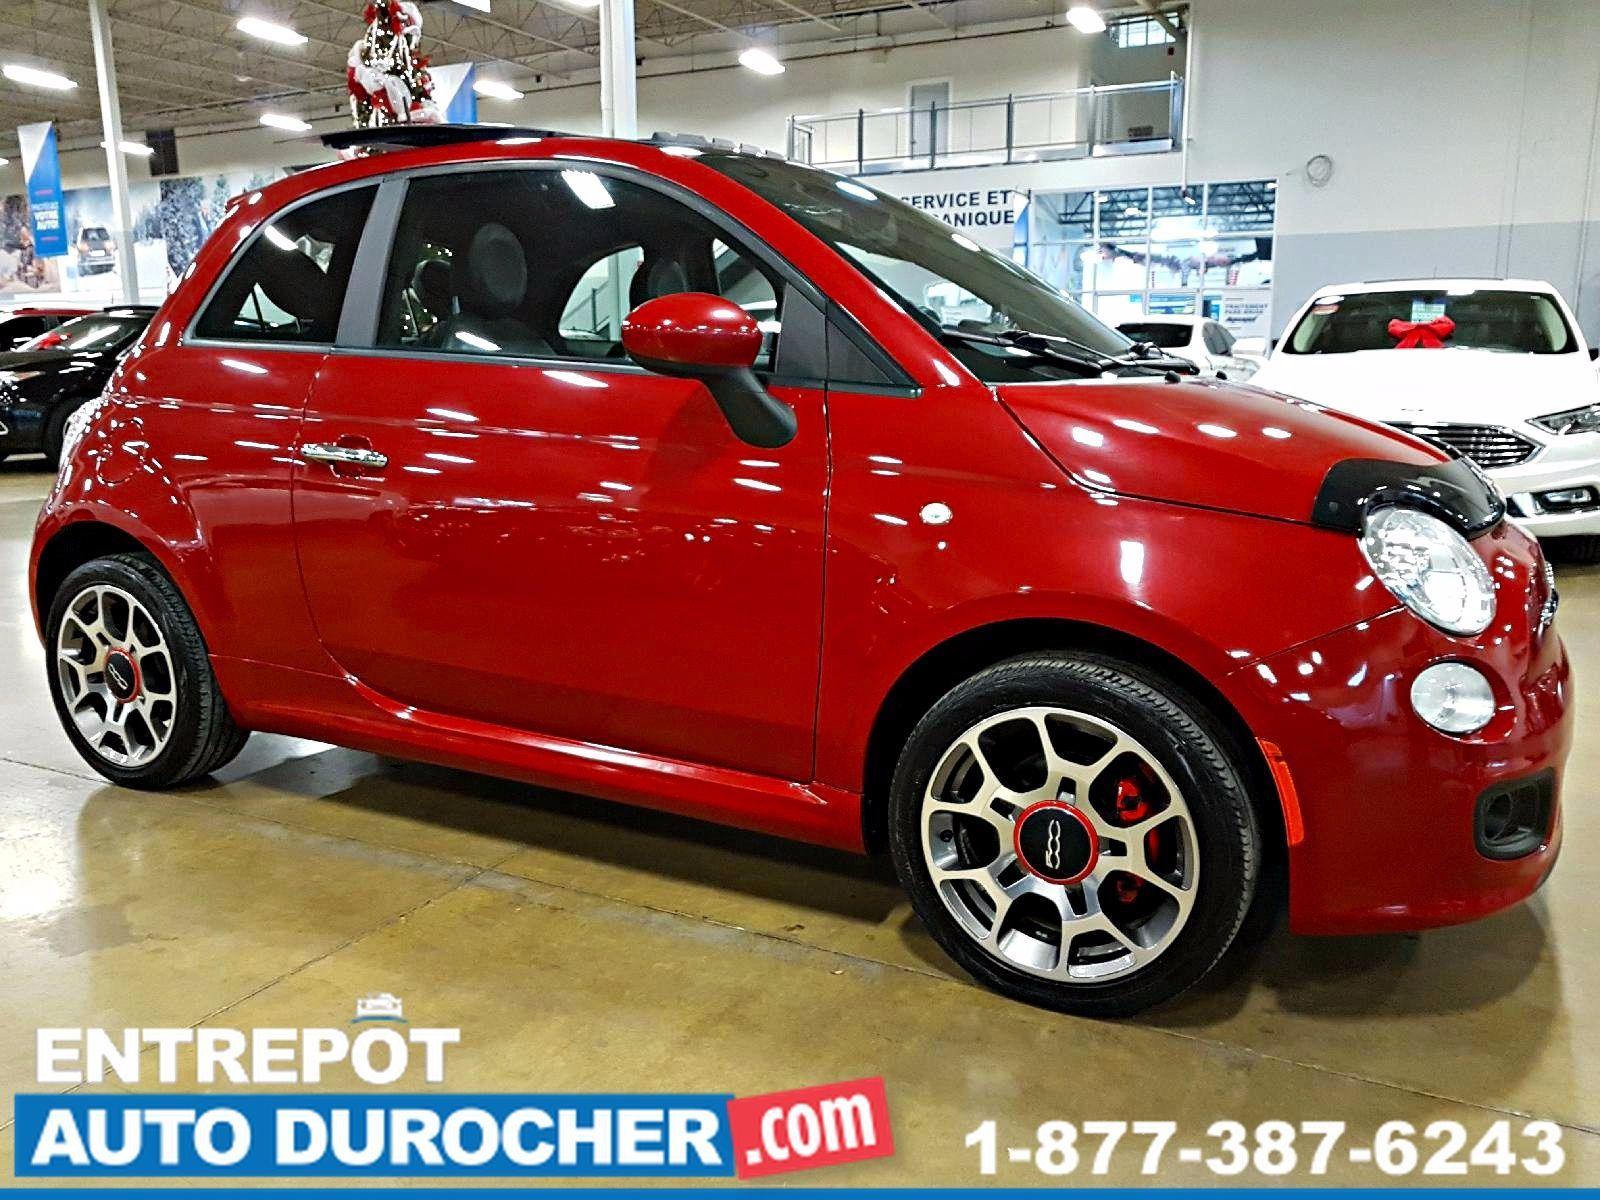 2013 Fiat 500 SPORT AUTOMATIQUE, TOIT OUVRANT, SIÈGES CHAUFFANTS